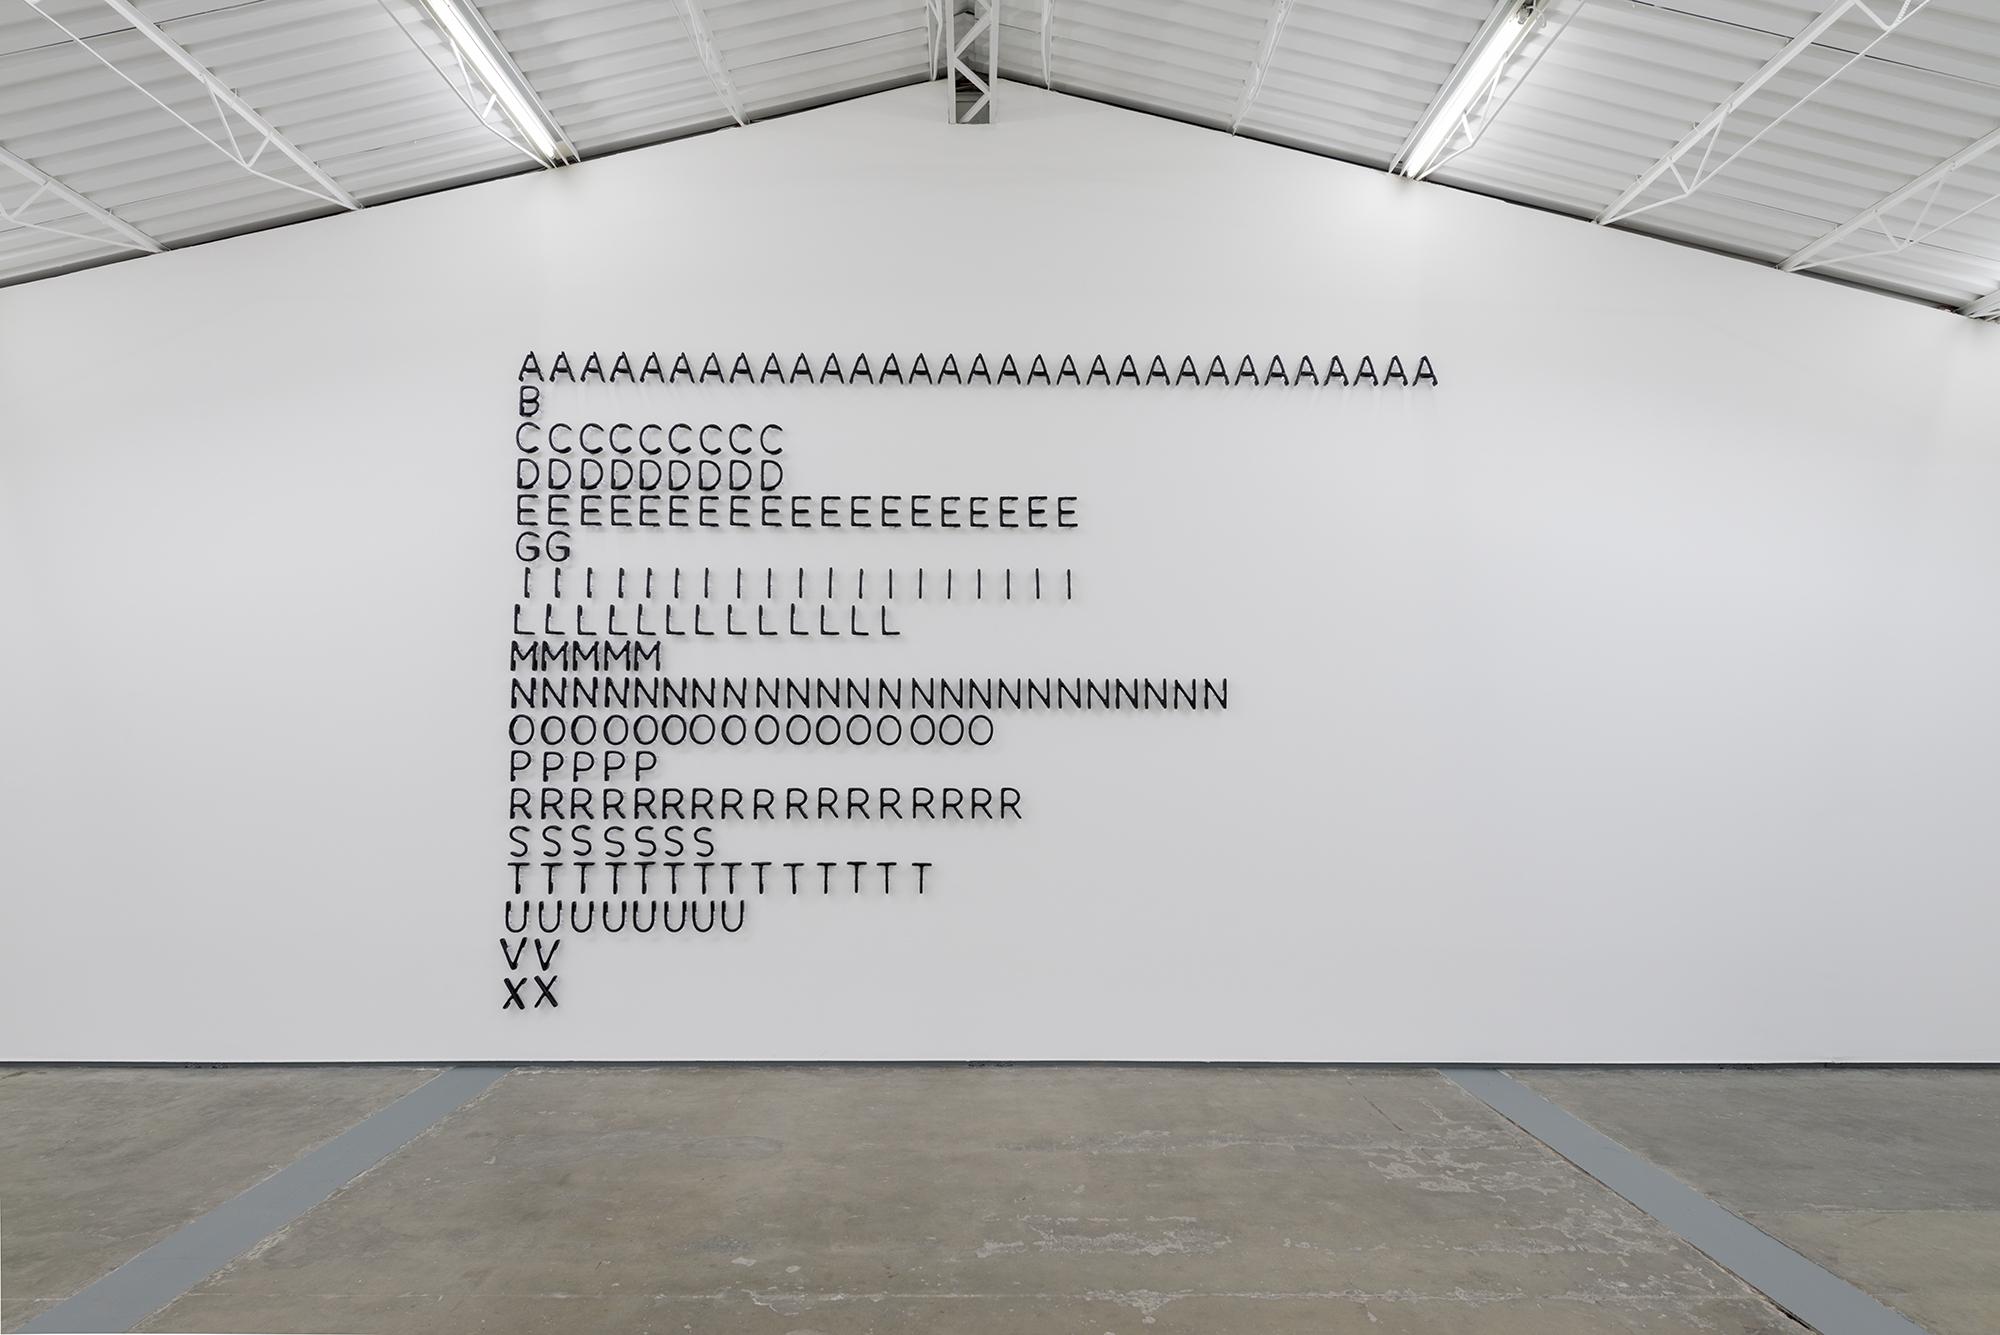 Gabriel de la Mora, Entropías, 2017, Proyectosmonclova, Mexico City